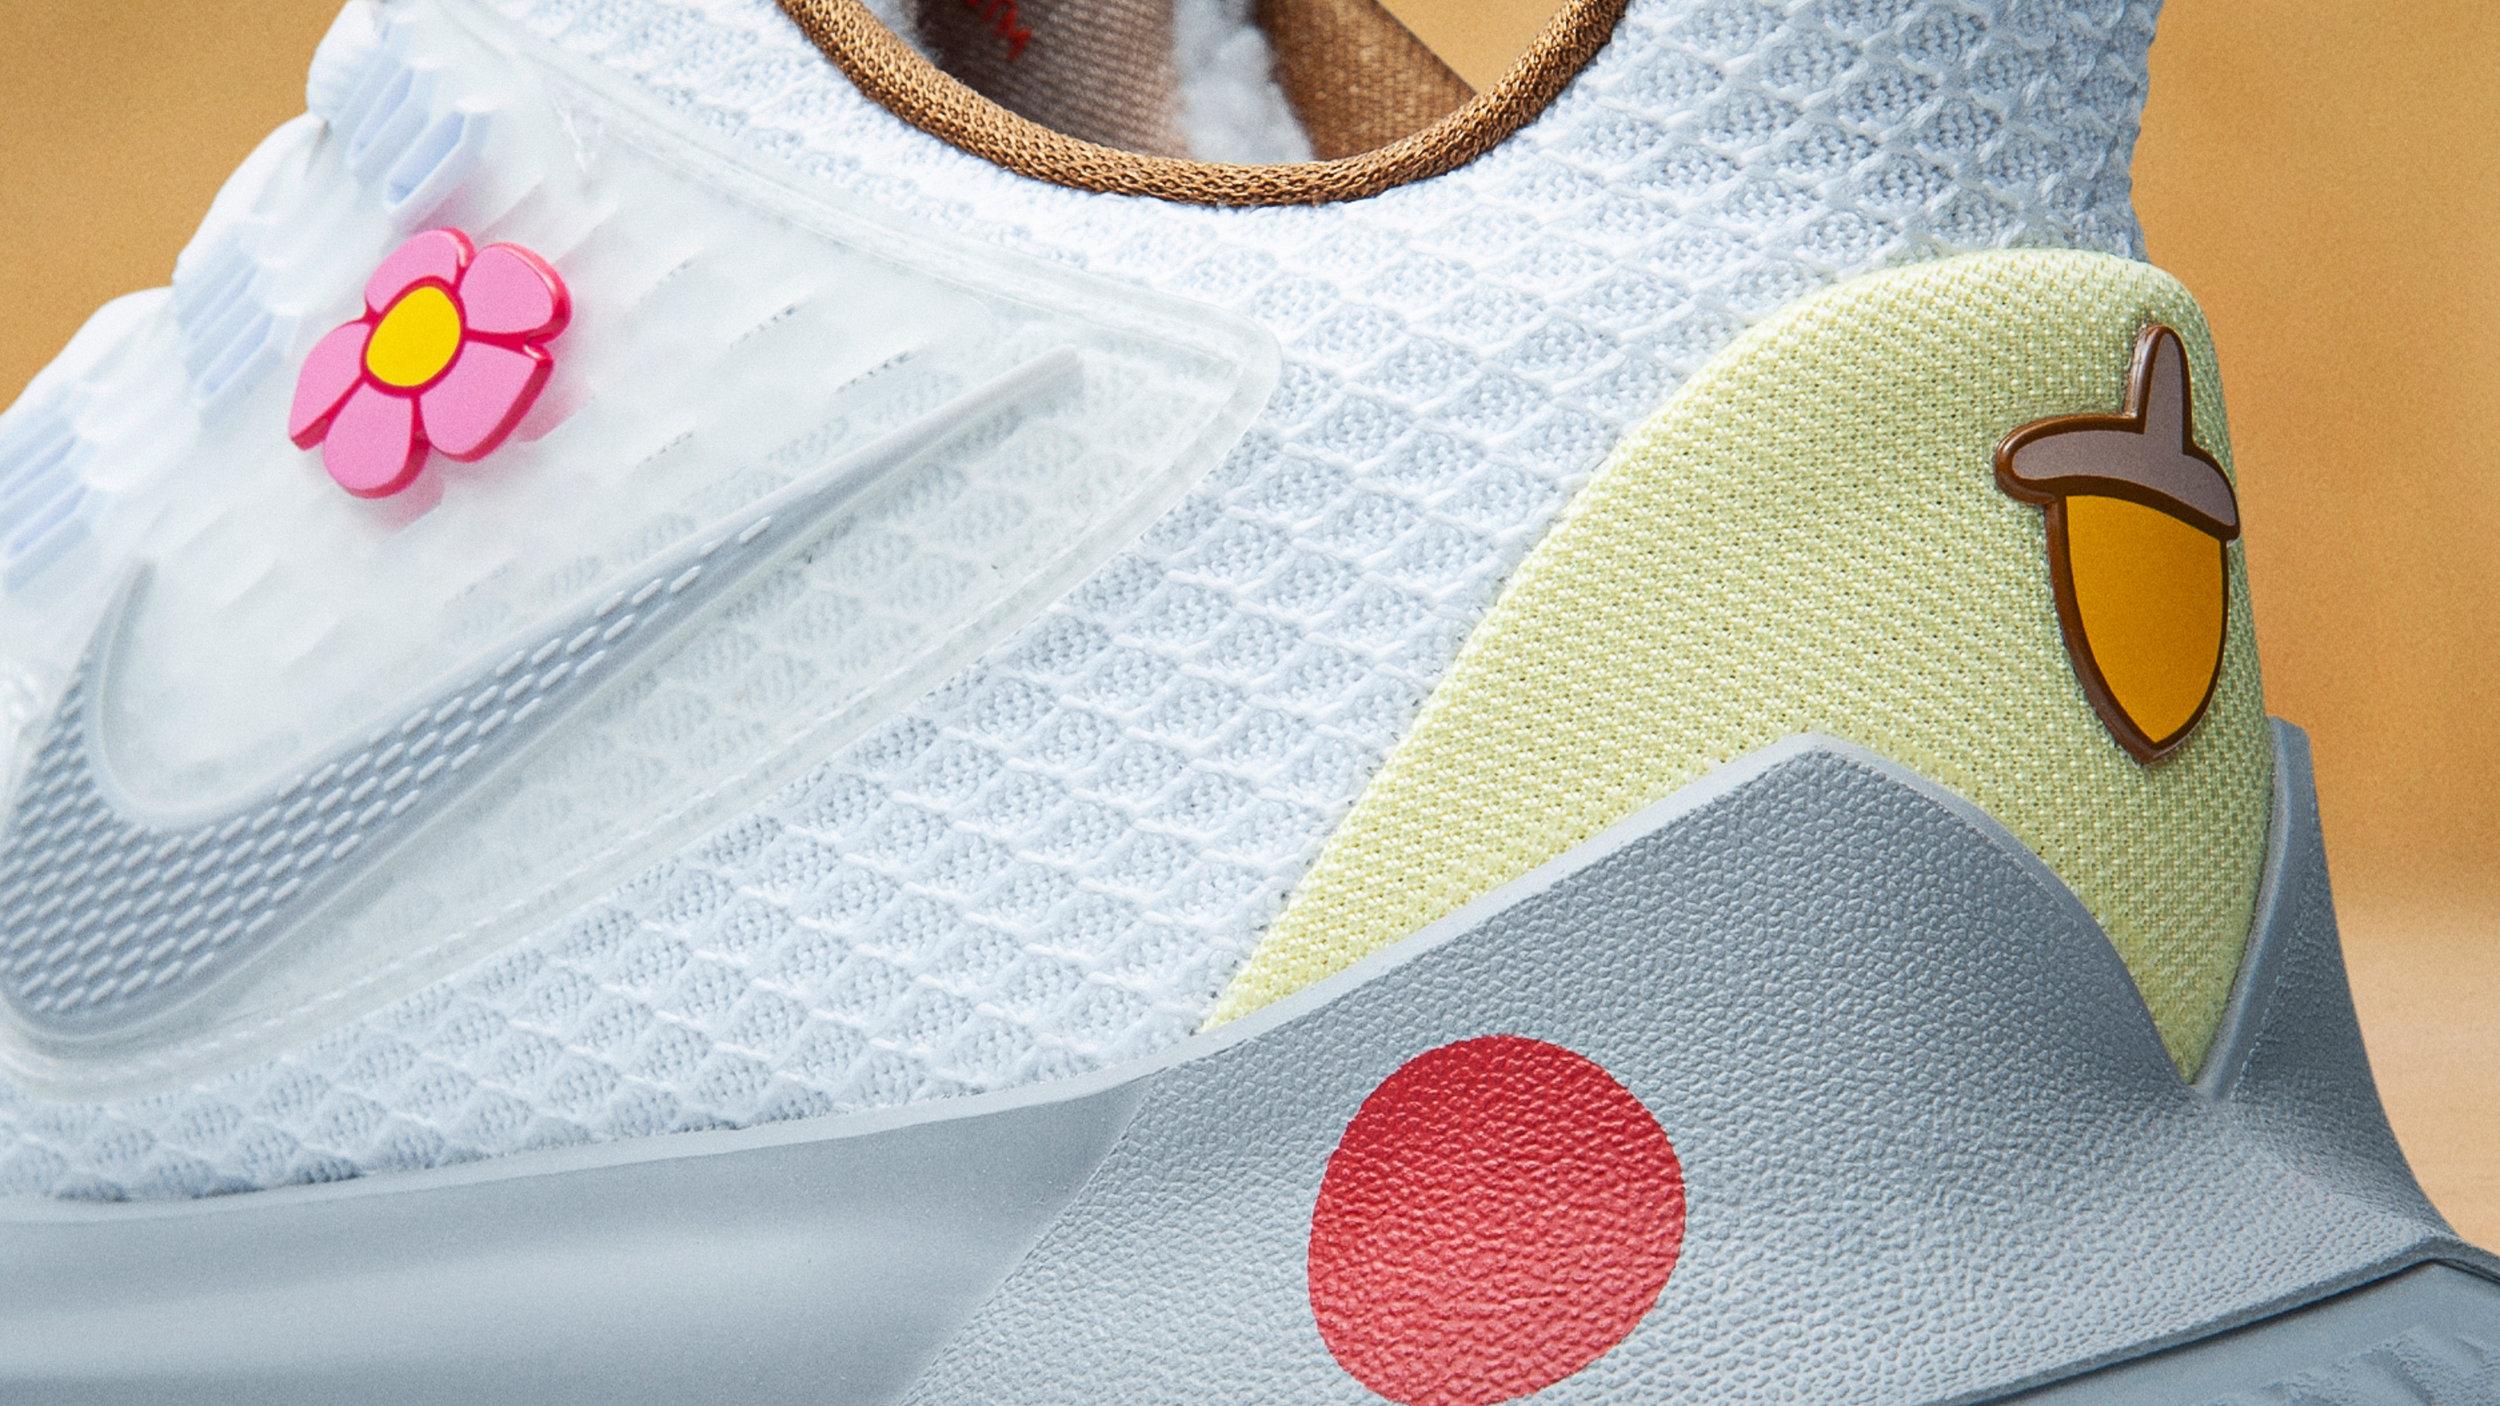 NikeNews_NikeBasketball_Kyrie_Spongebob_DSC_8116_1_89206.jpg